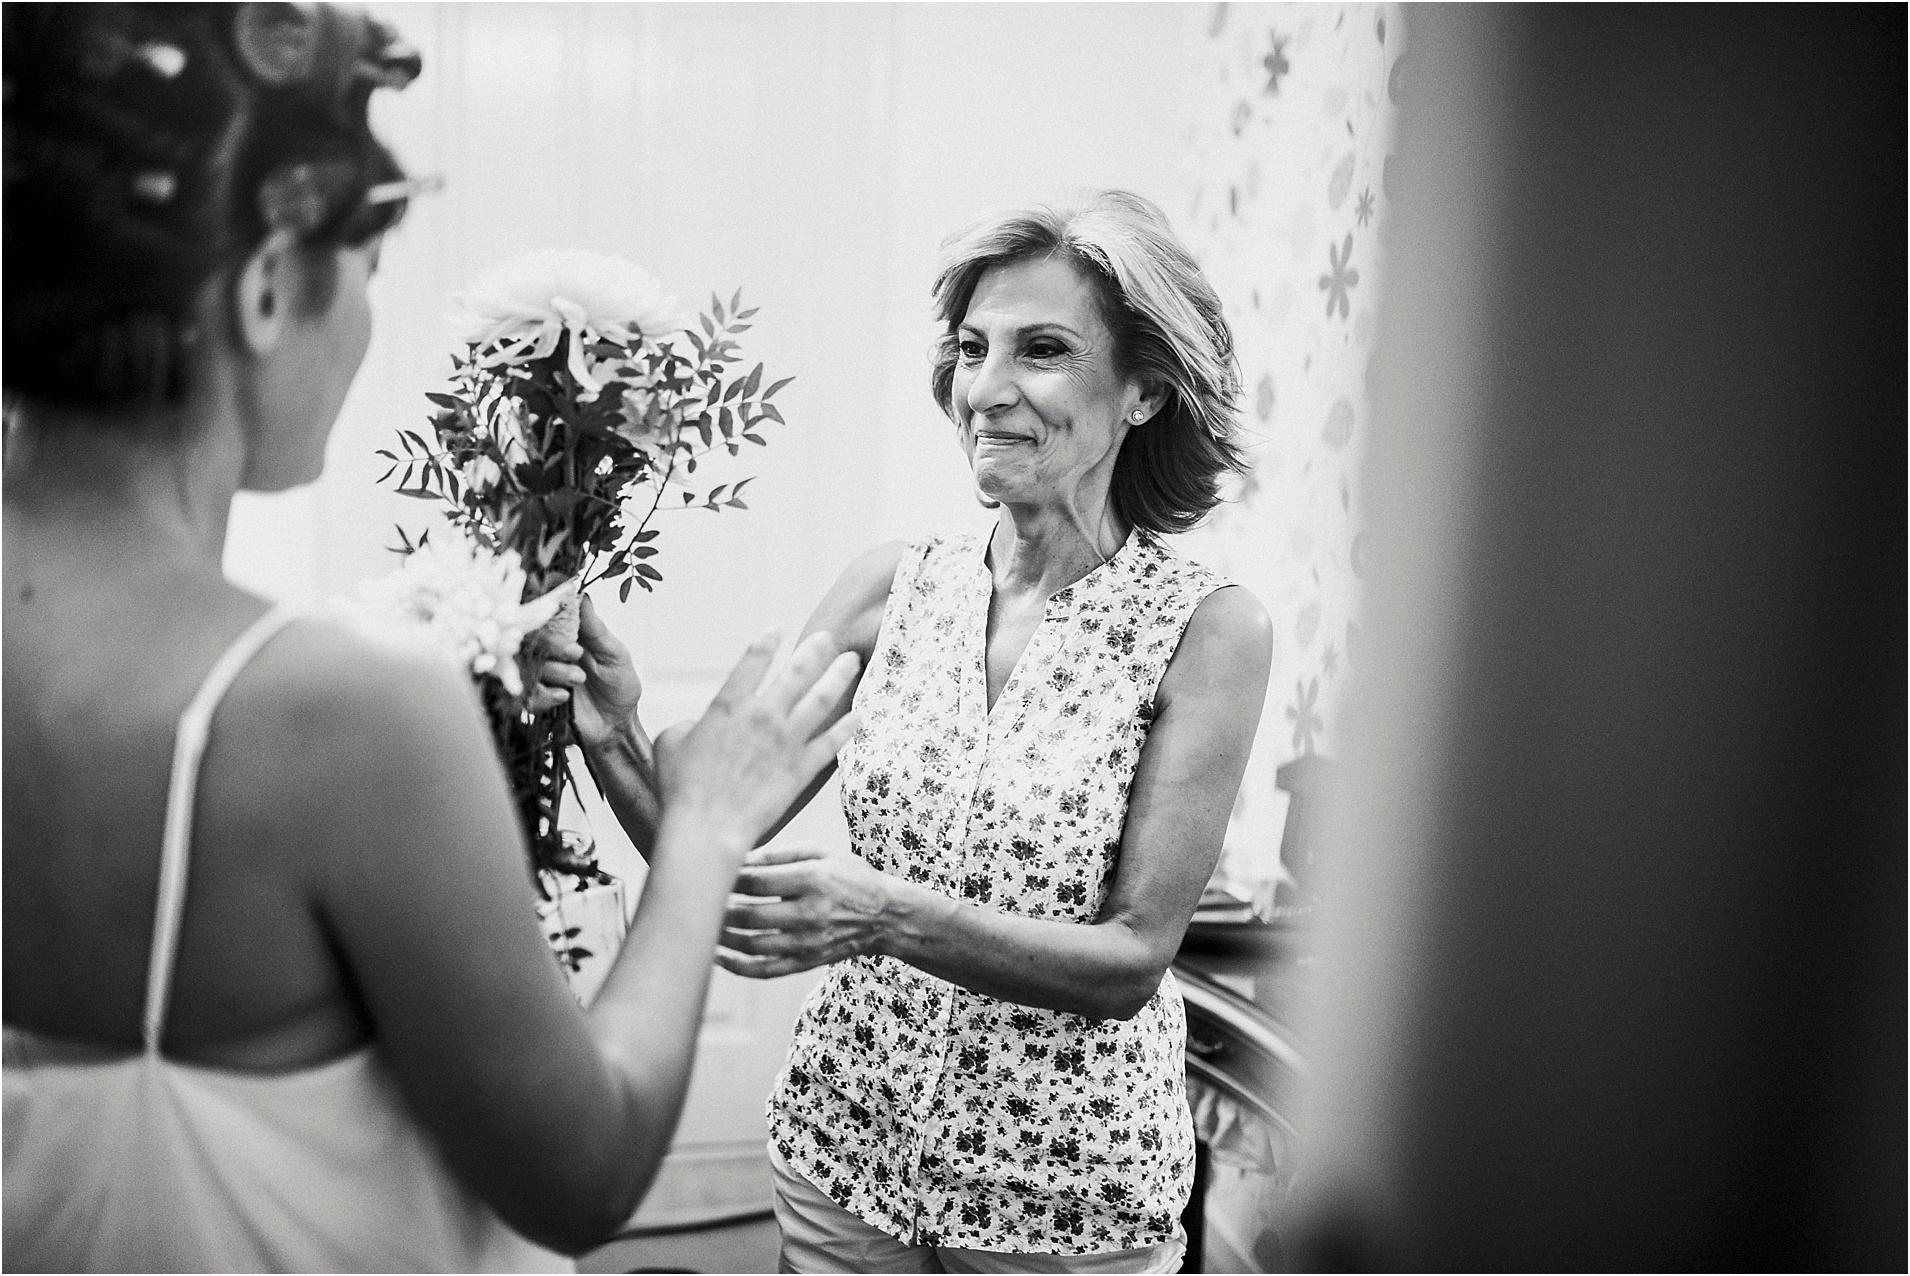 Fotografos-de-boda-donostia-zaragoza-san-sebastian-destination-wedding-photographer-13.jpg